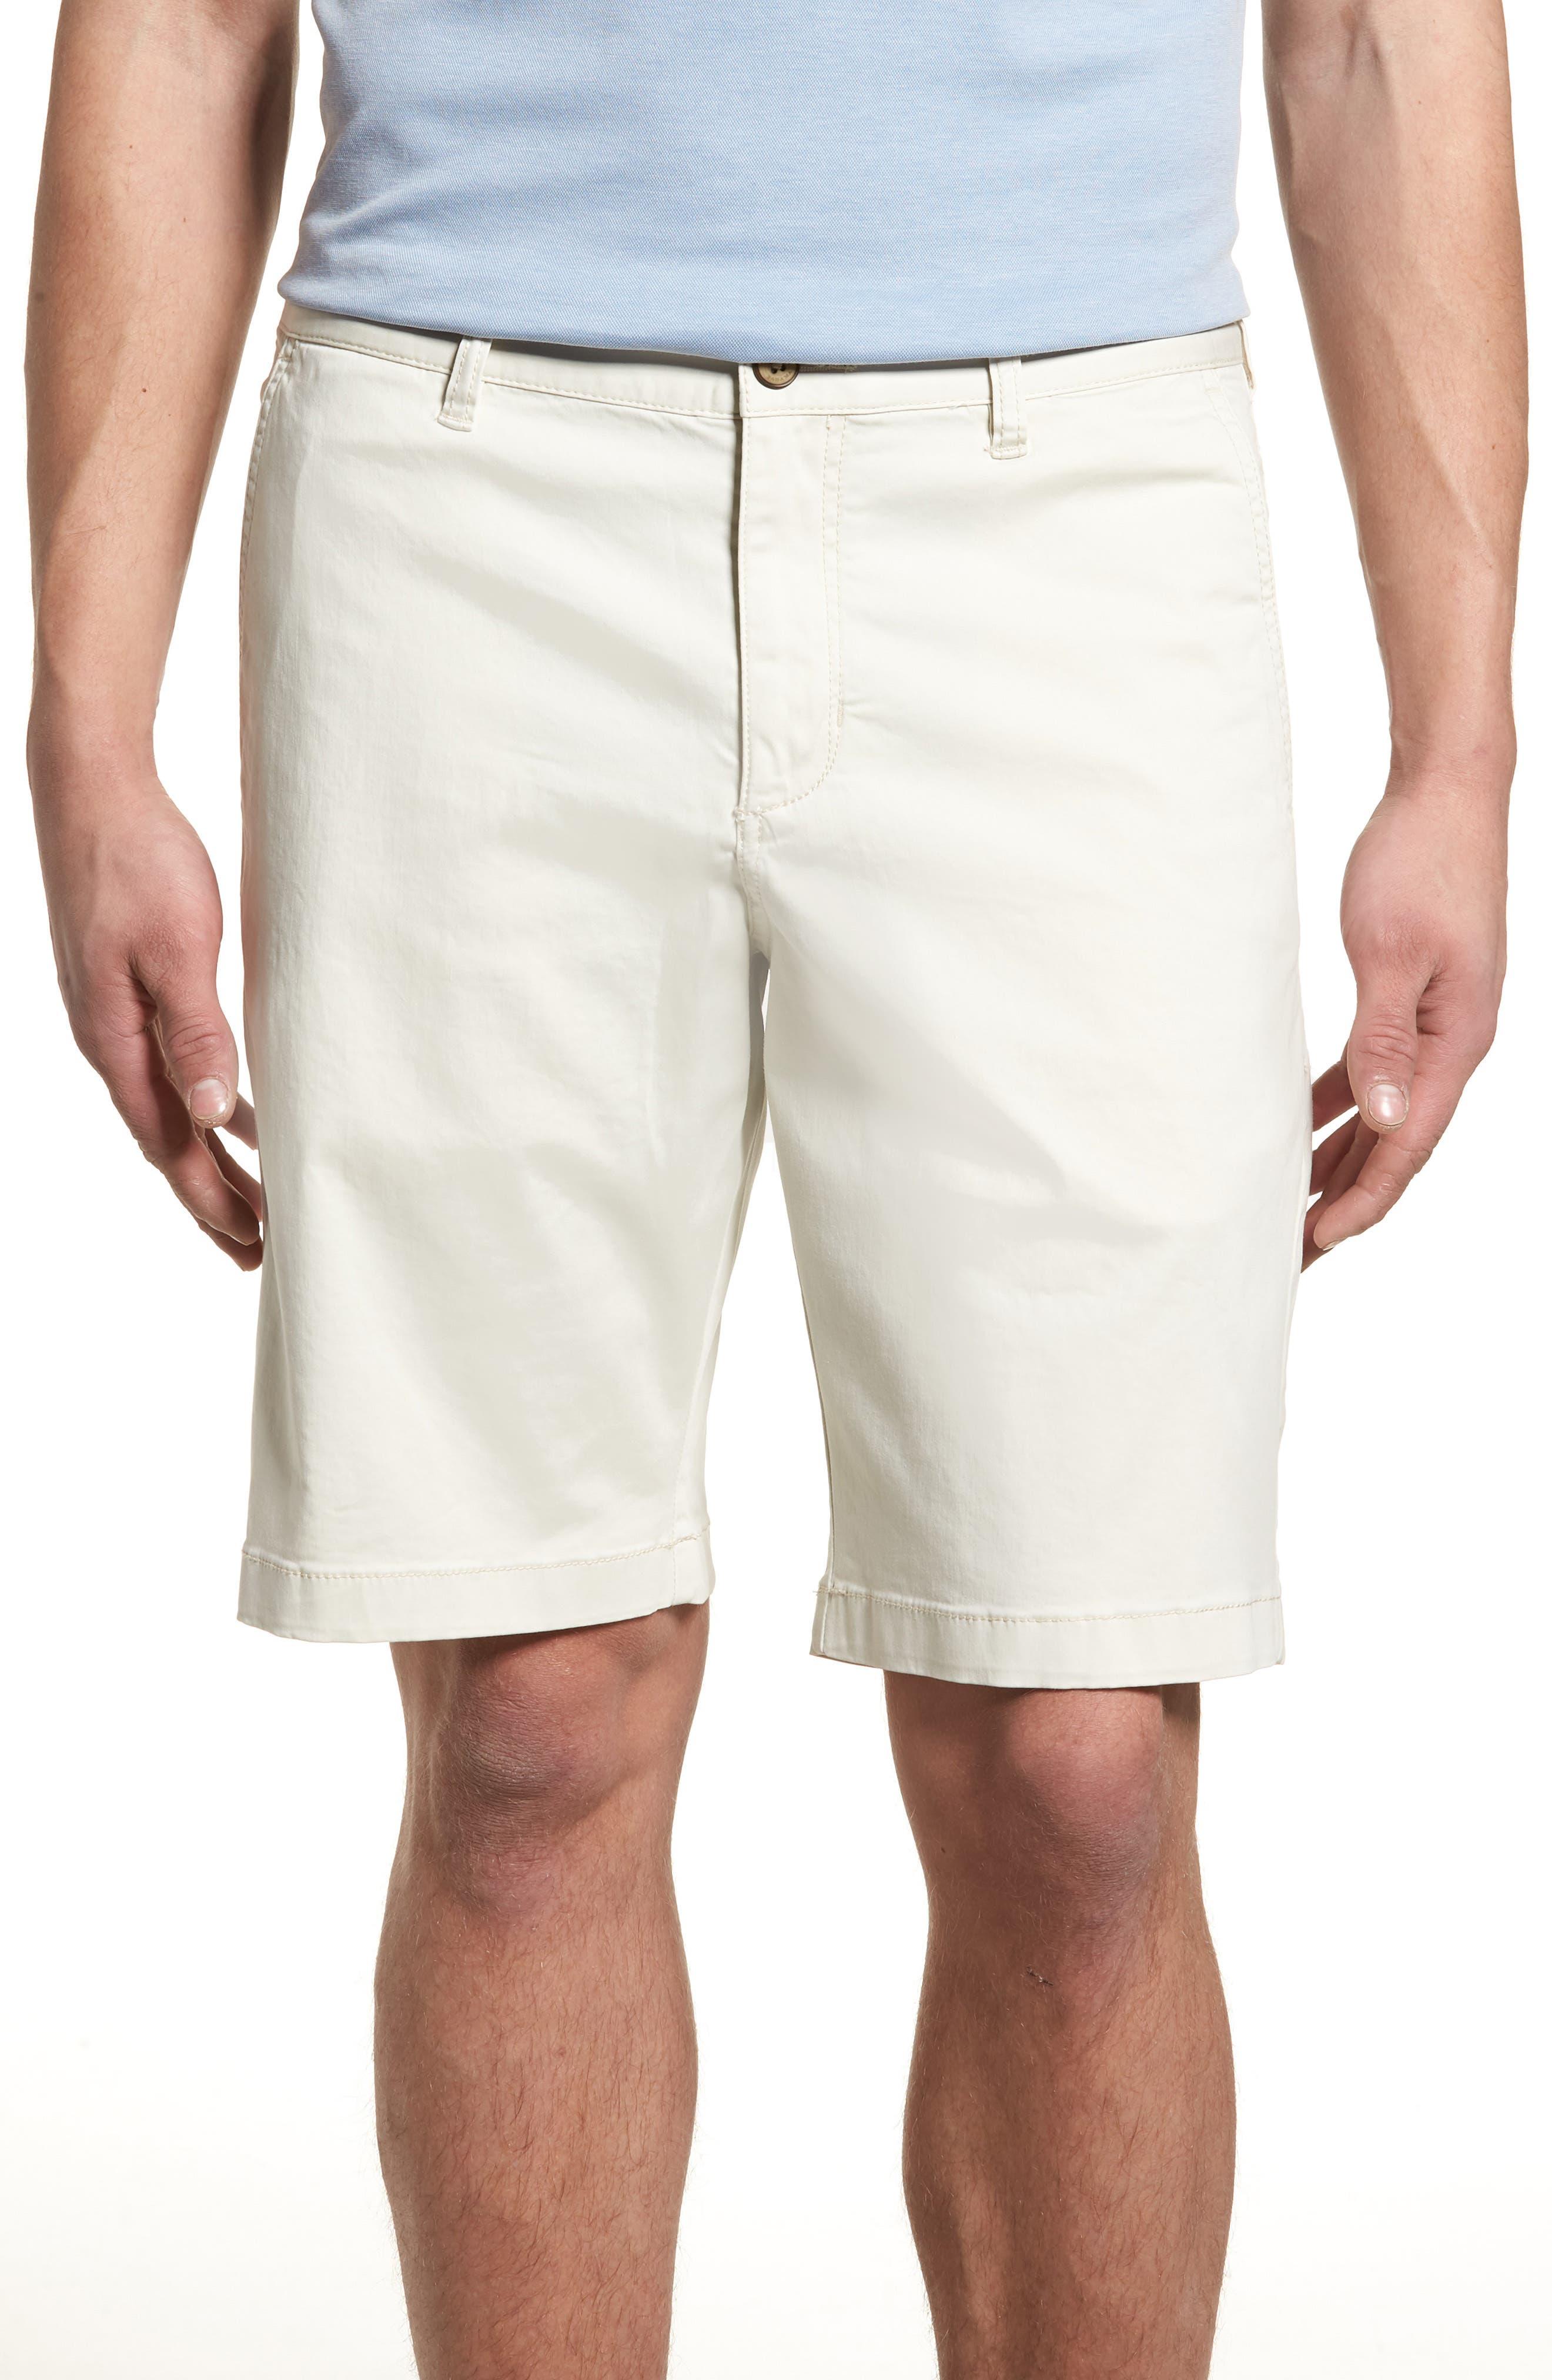 Boracay Chino Shorts,                             Main thumbnail 1, color,                             Bleached Sand